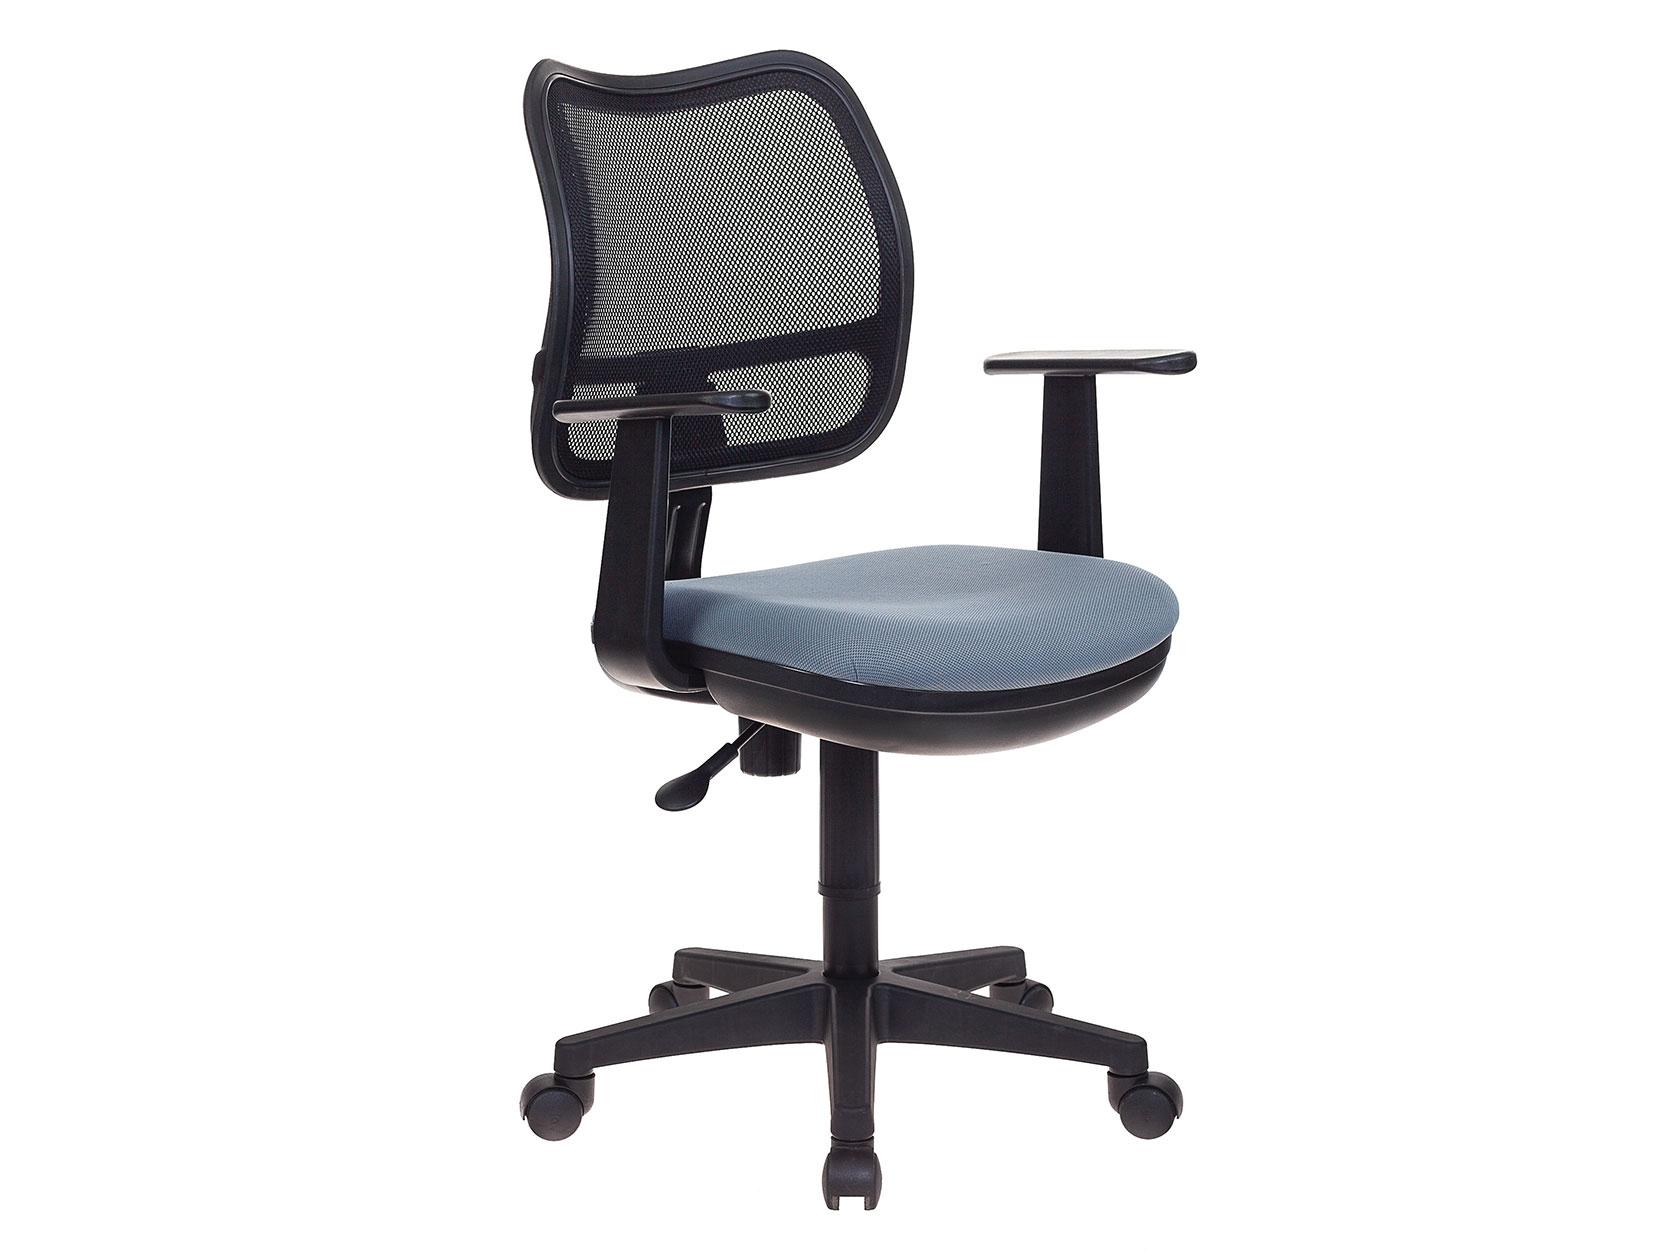 Офисное кресло на колесиках 108-58311